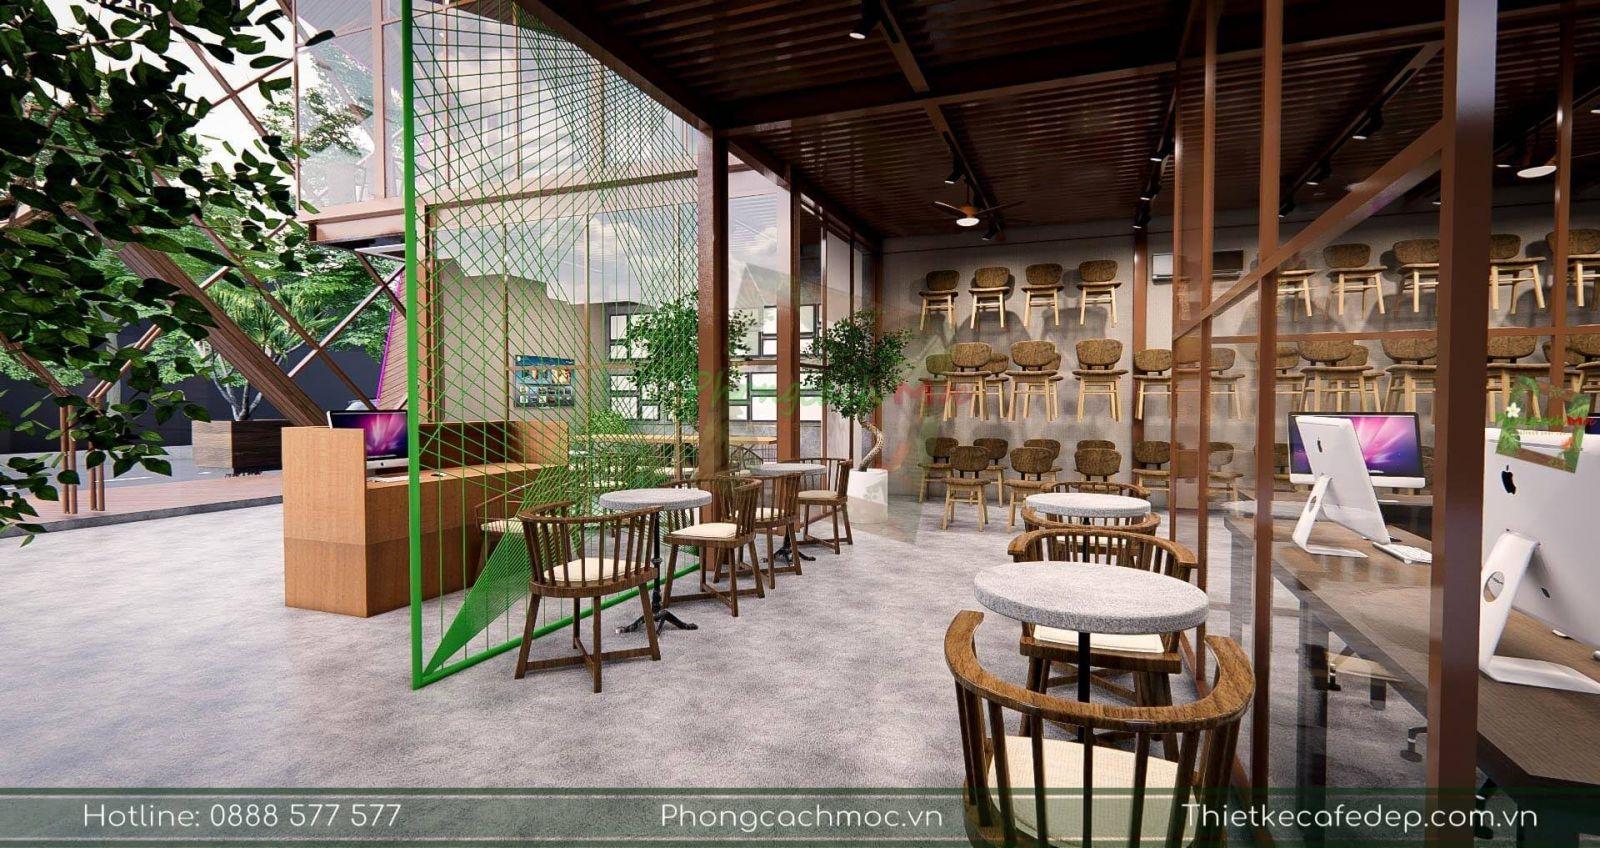 bày trí nội thất tầng 1 dự án pcm workshop